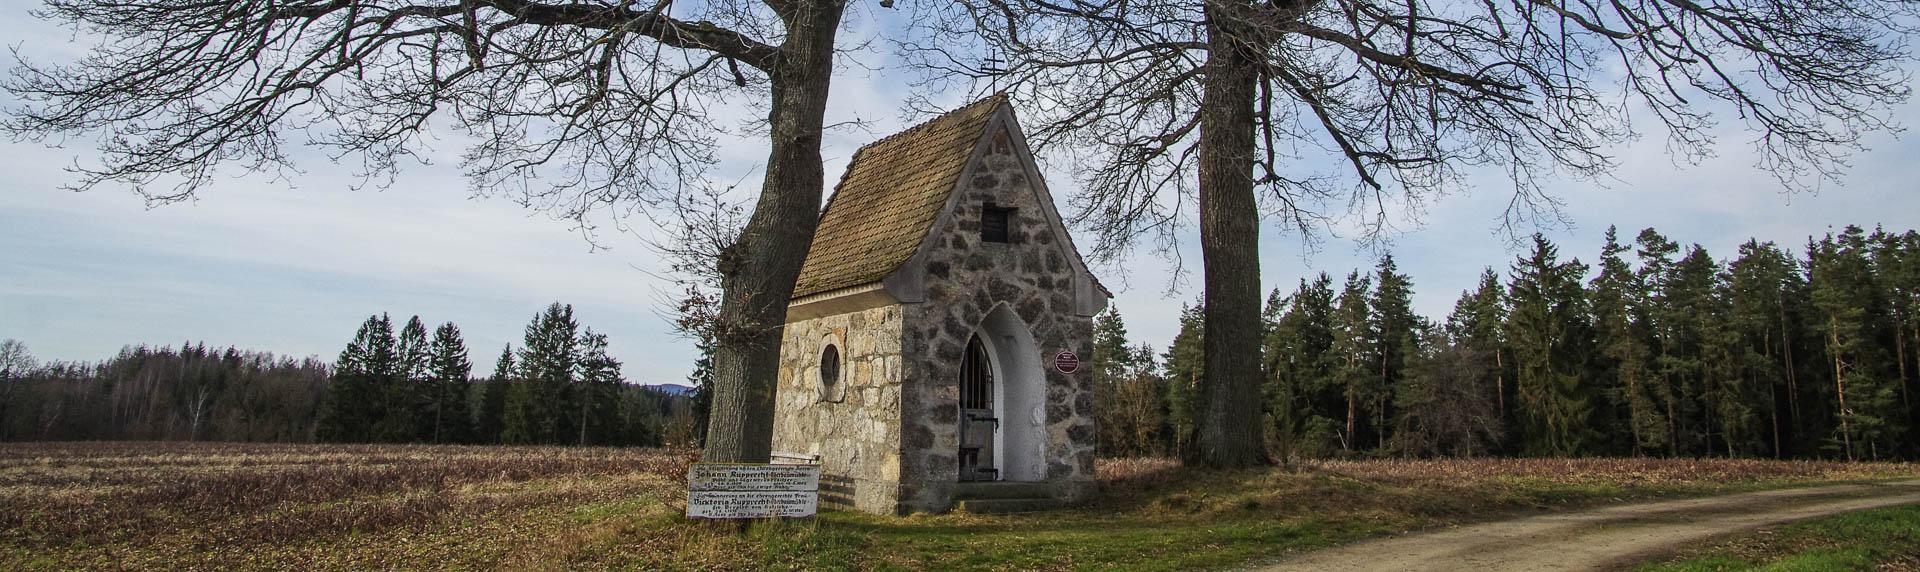 Von Kapellen, Marterl und Feldkreuzen